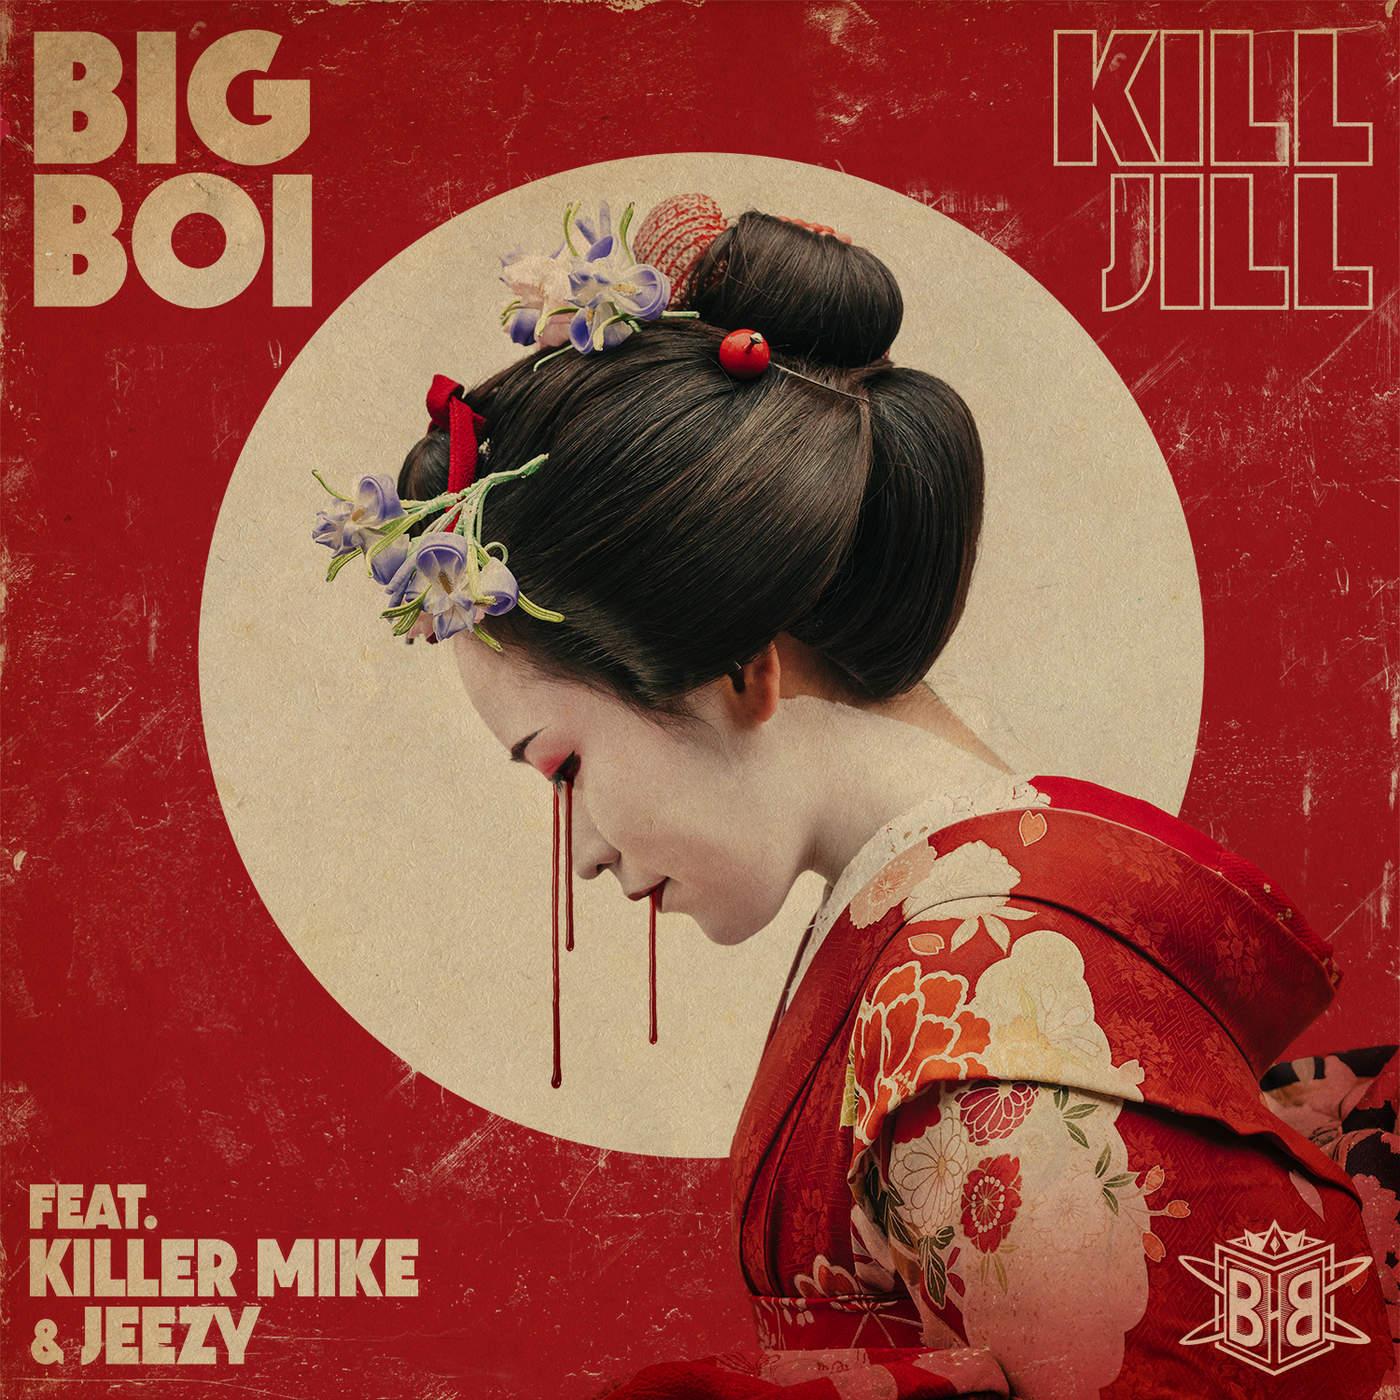 Killer mike sunday morning massacres ( full mixtape ) (+.